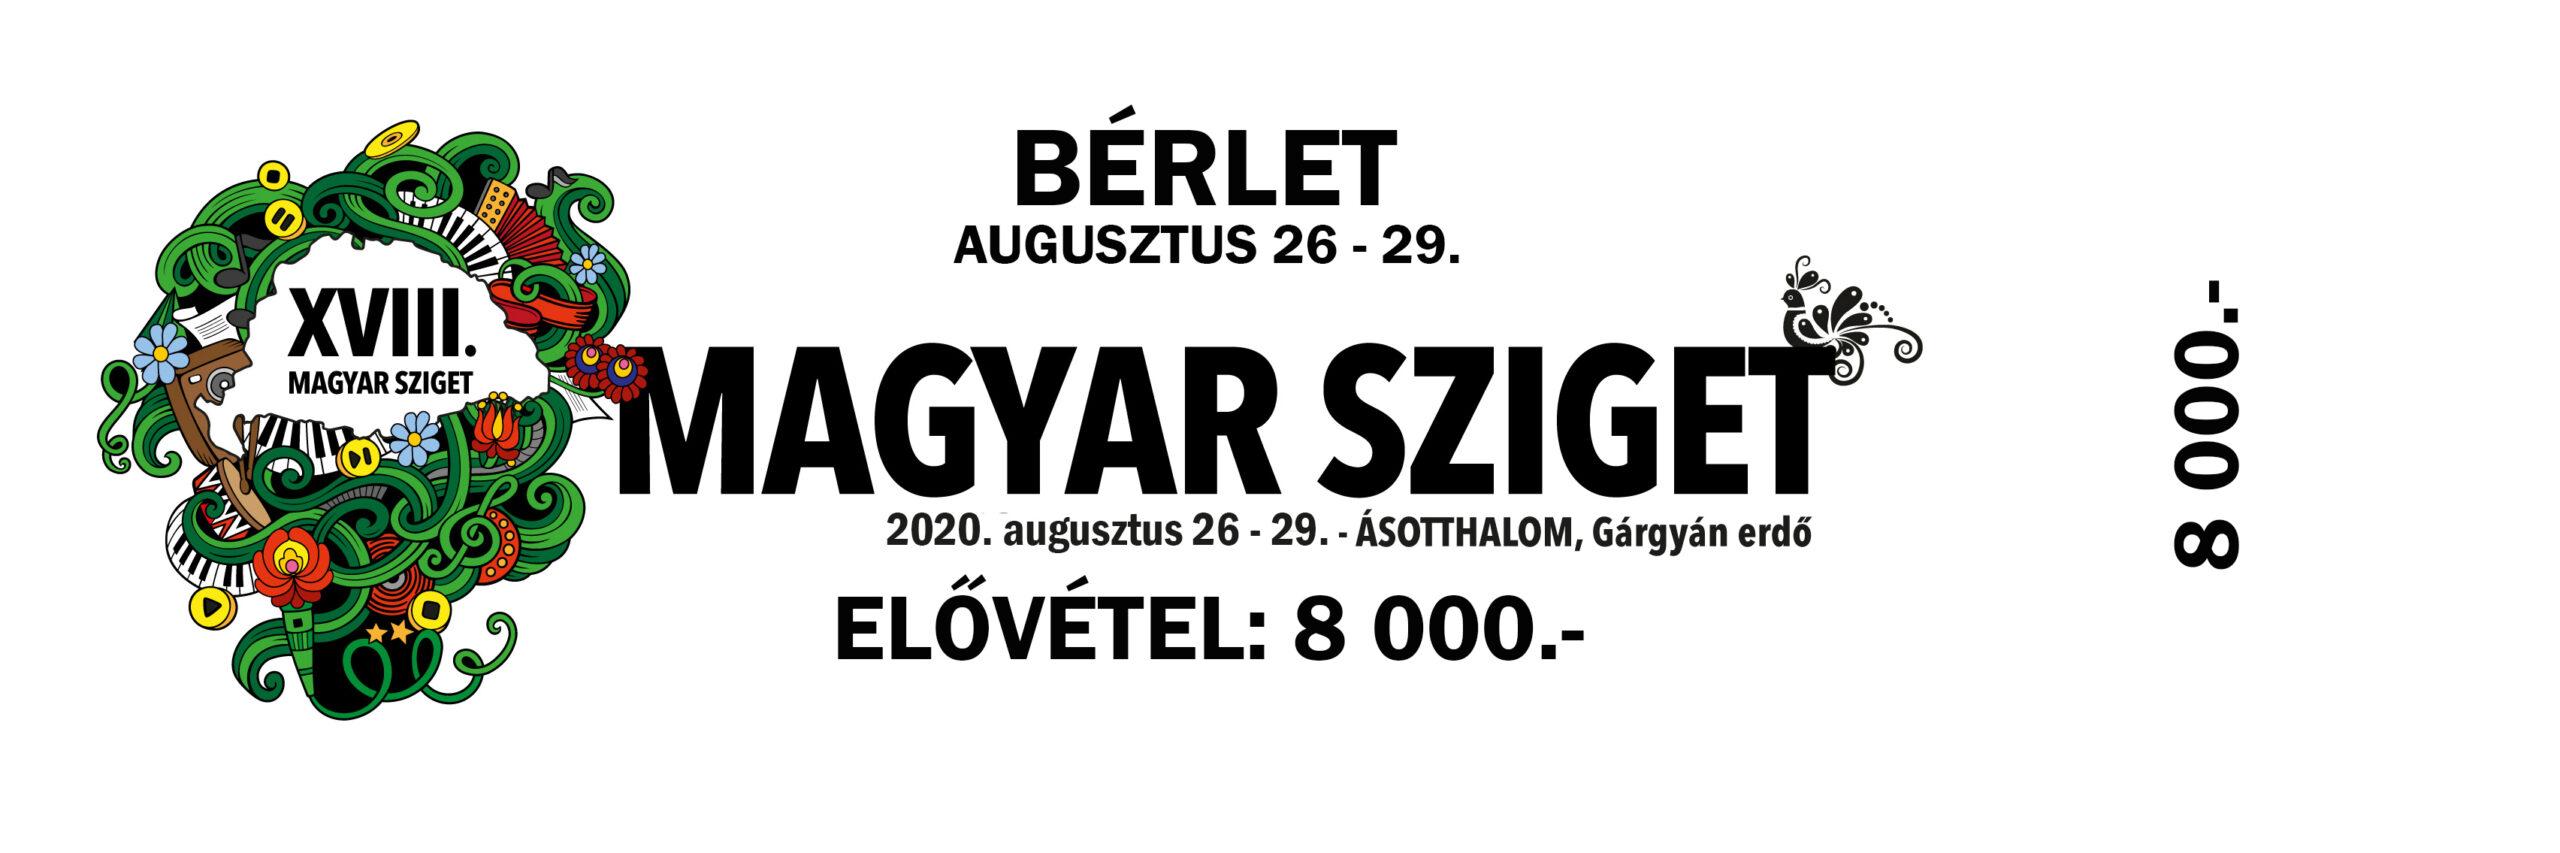 Bérlet 2020 augusztus 26. - 29.